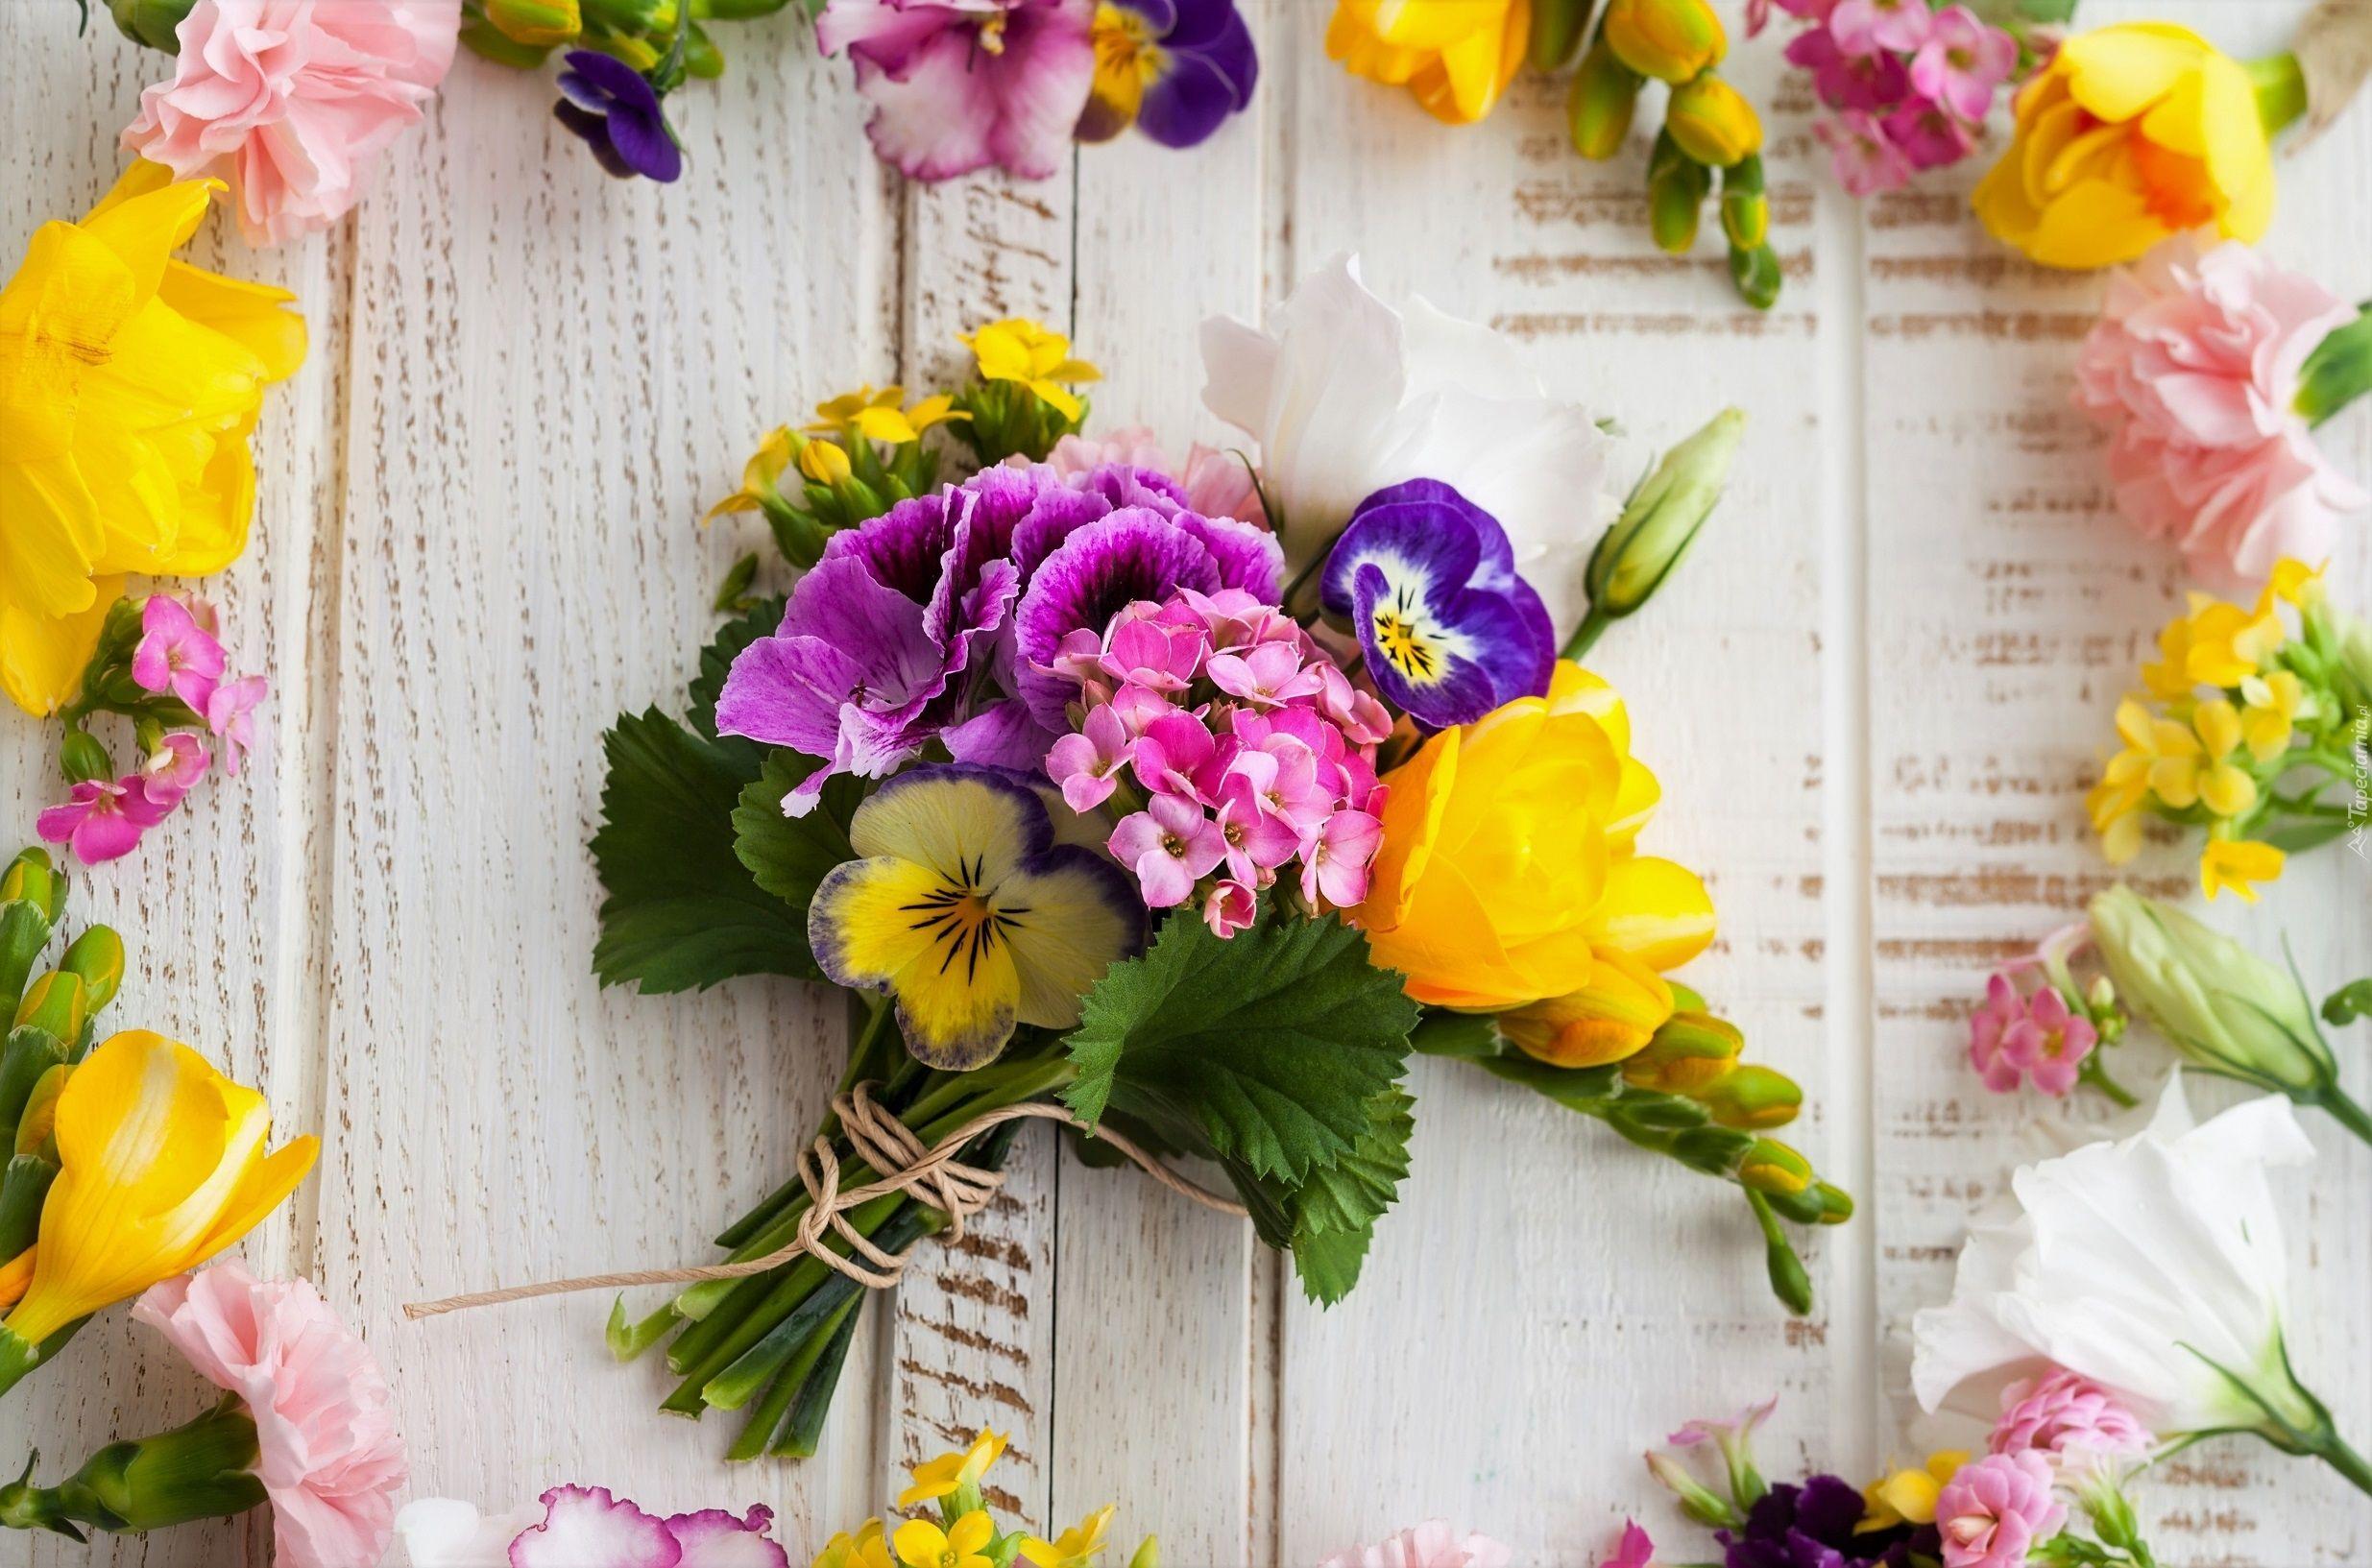 Kwiaty Bukiet Deski Bratki Frezje Gozdziki Kalanchoe Beautiful Flowers Flora Flowers Colorful Flowers